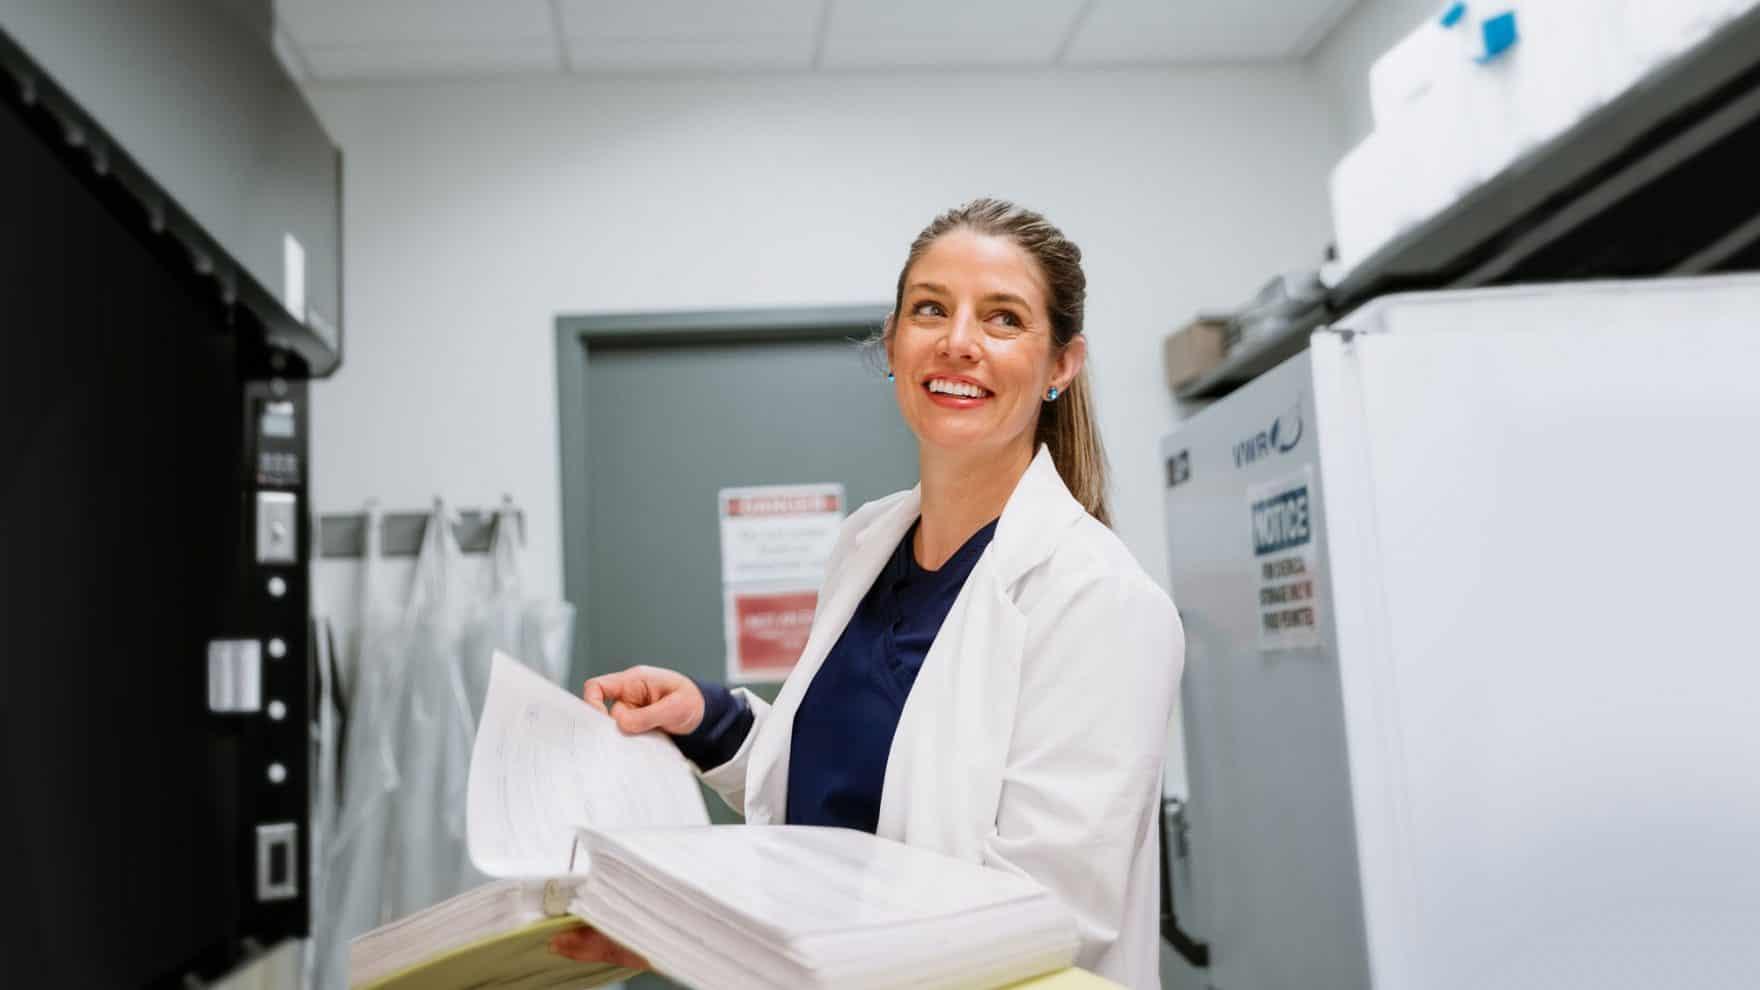 Master Degree Nursing Regent University Virginia Beach